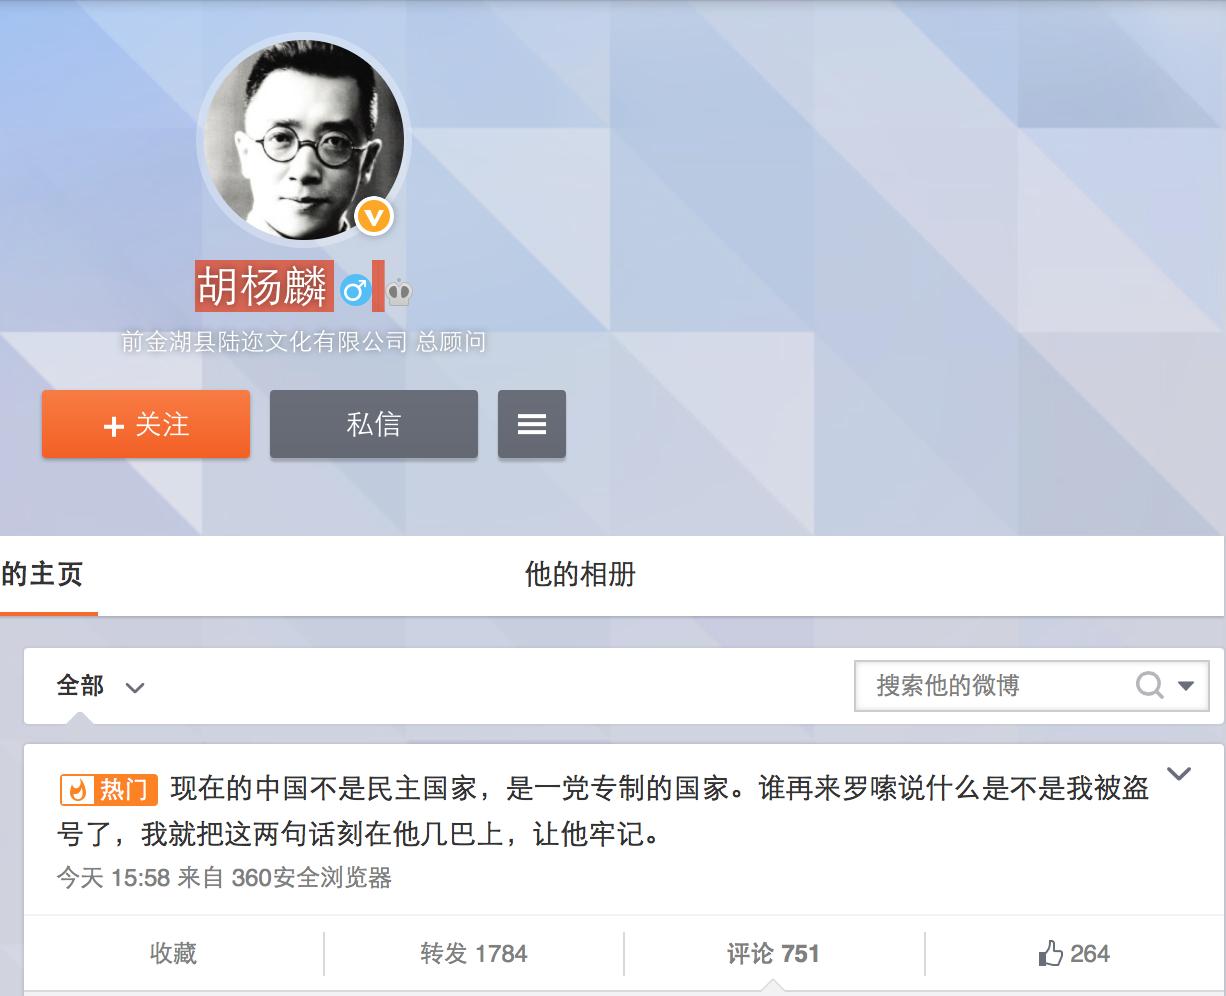 【网络民议】胡杨麟:现在的中国是一党专制的国家